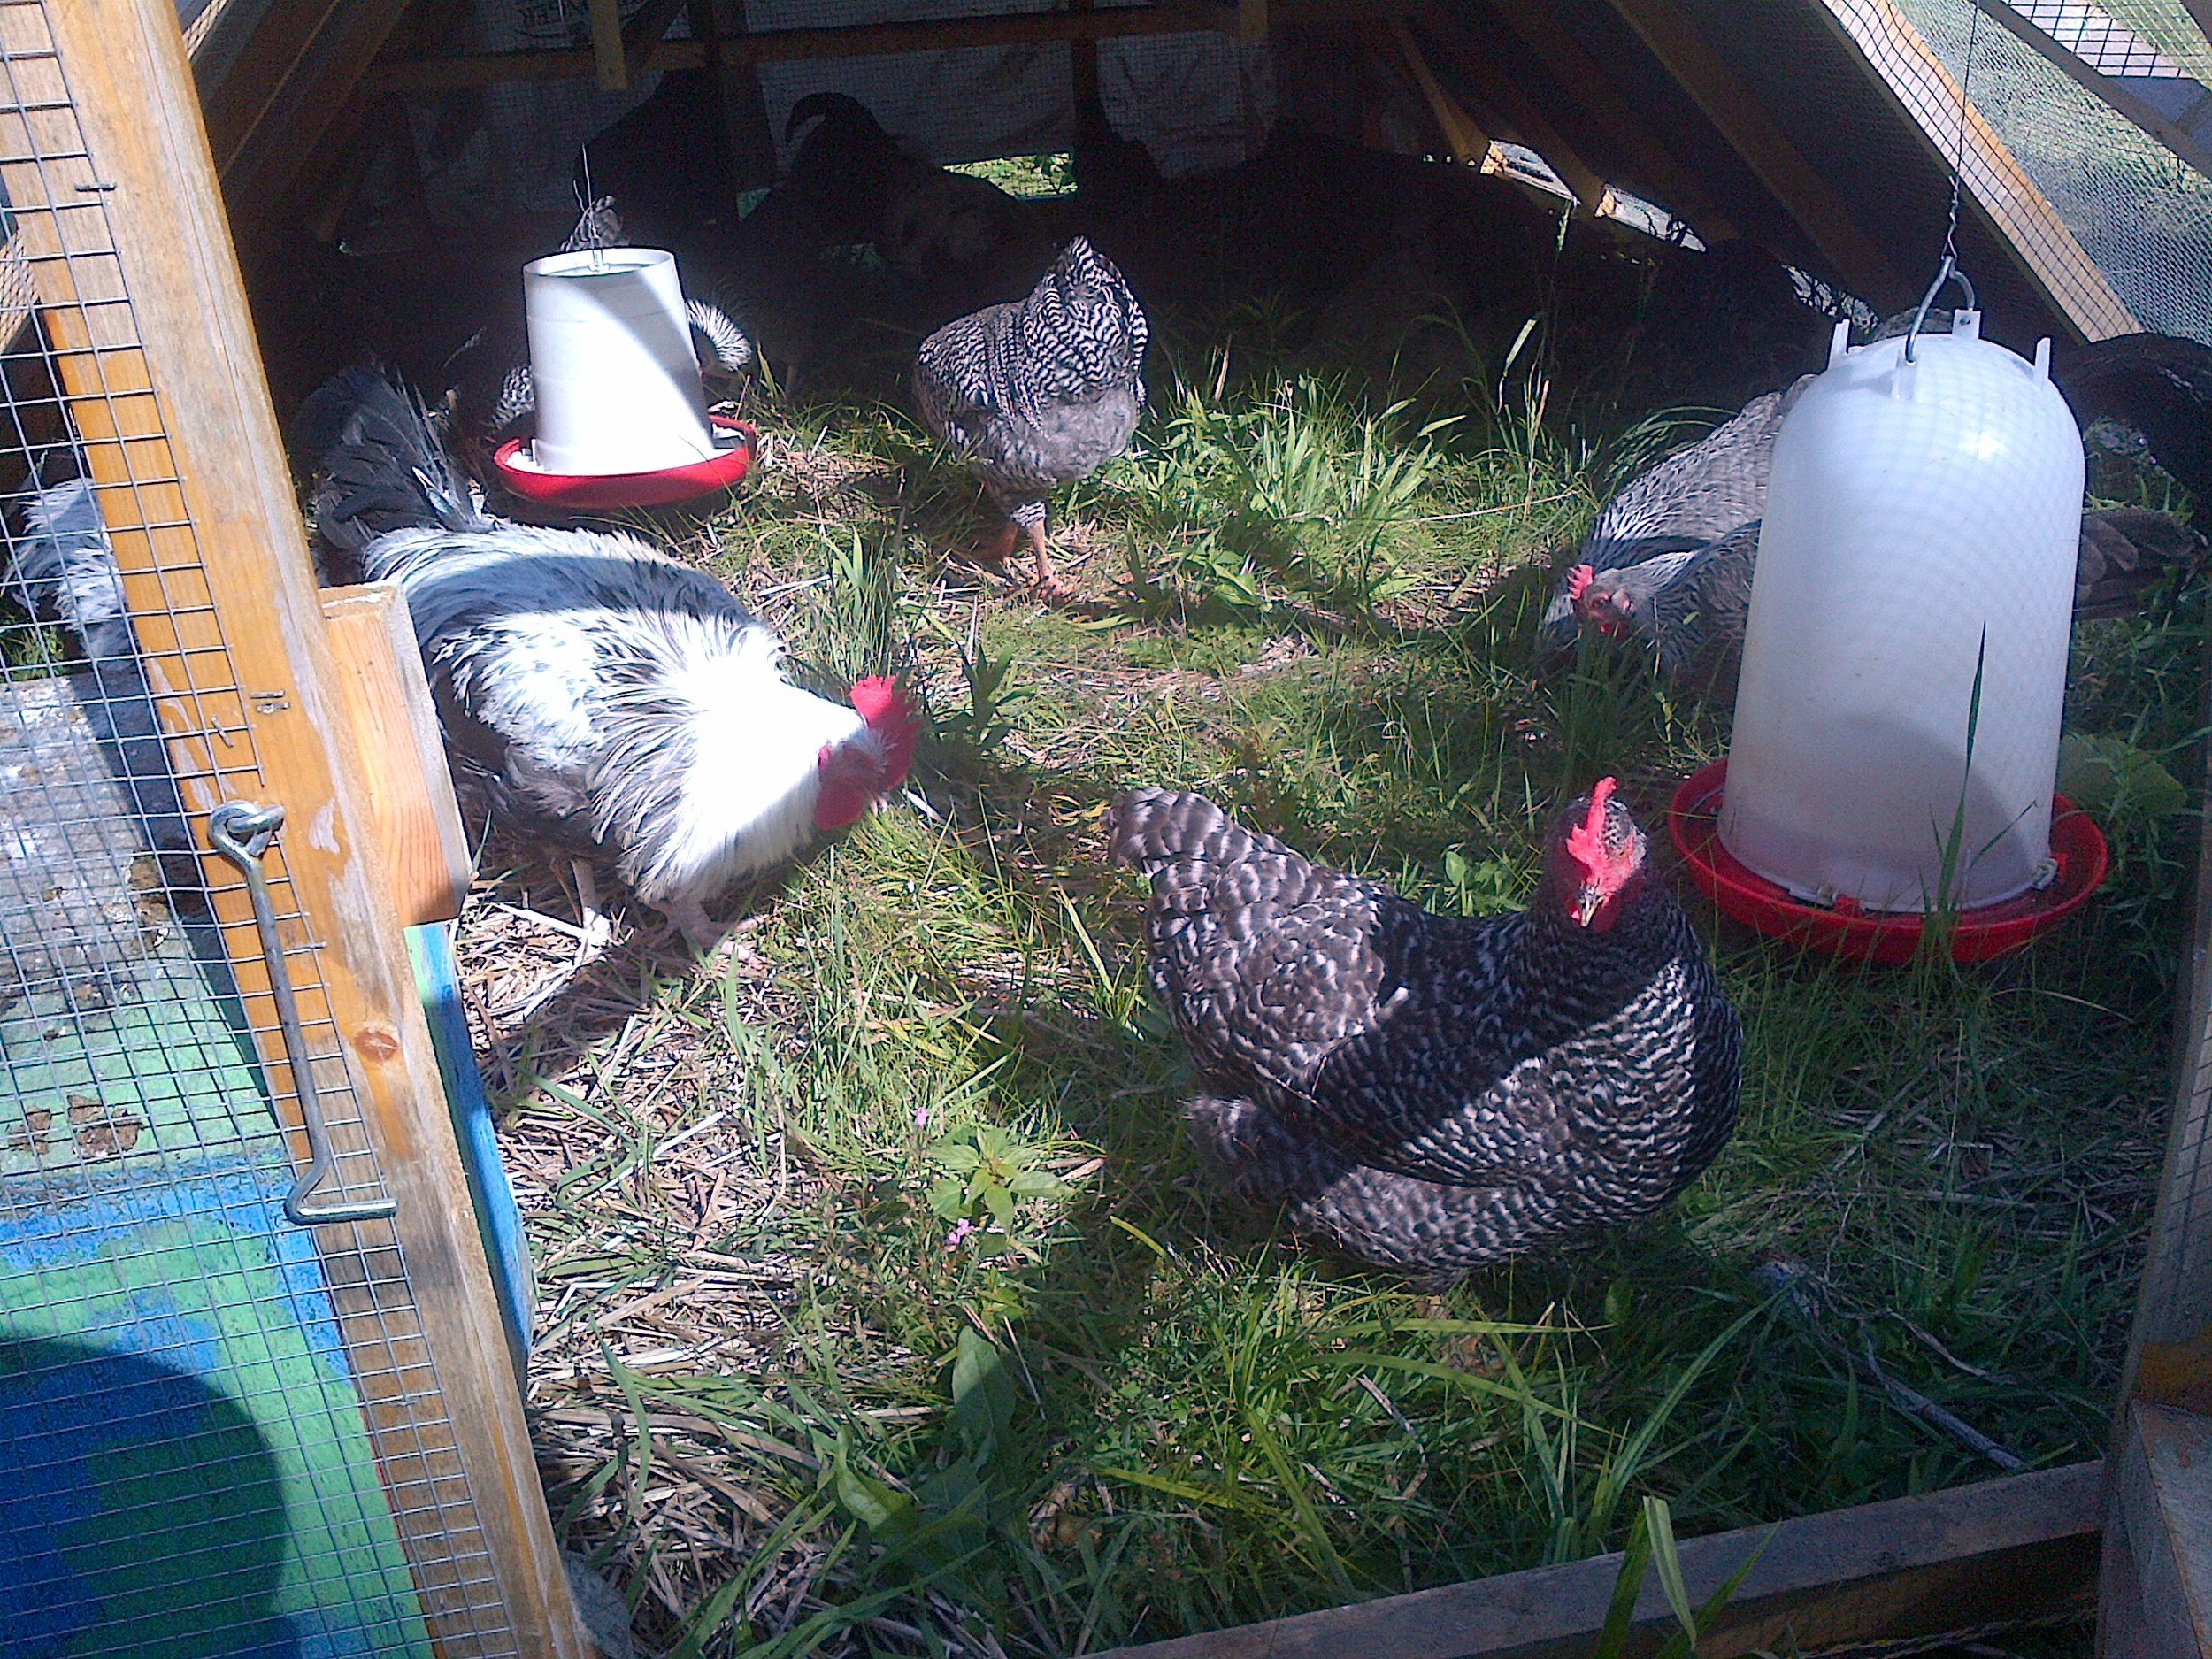 Chickens working in the garden